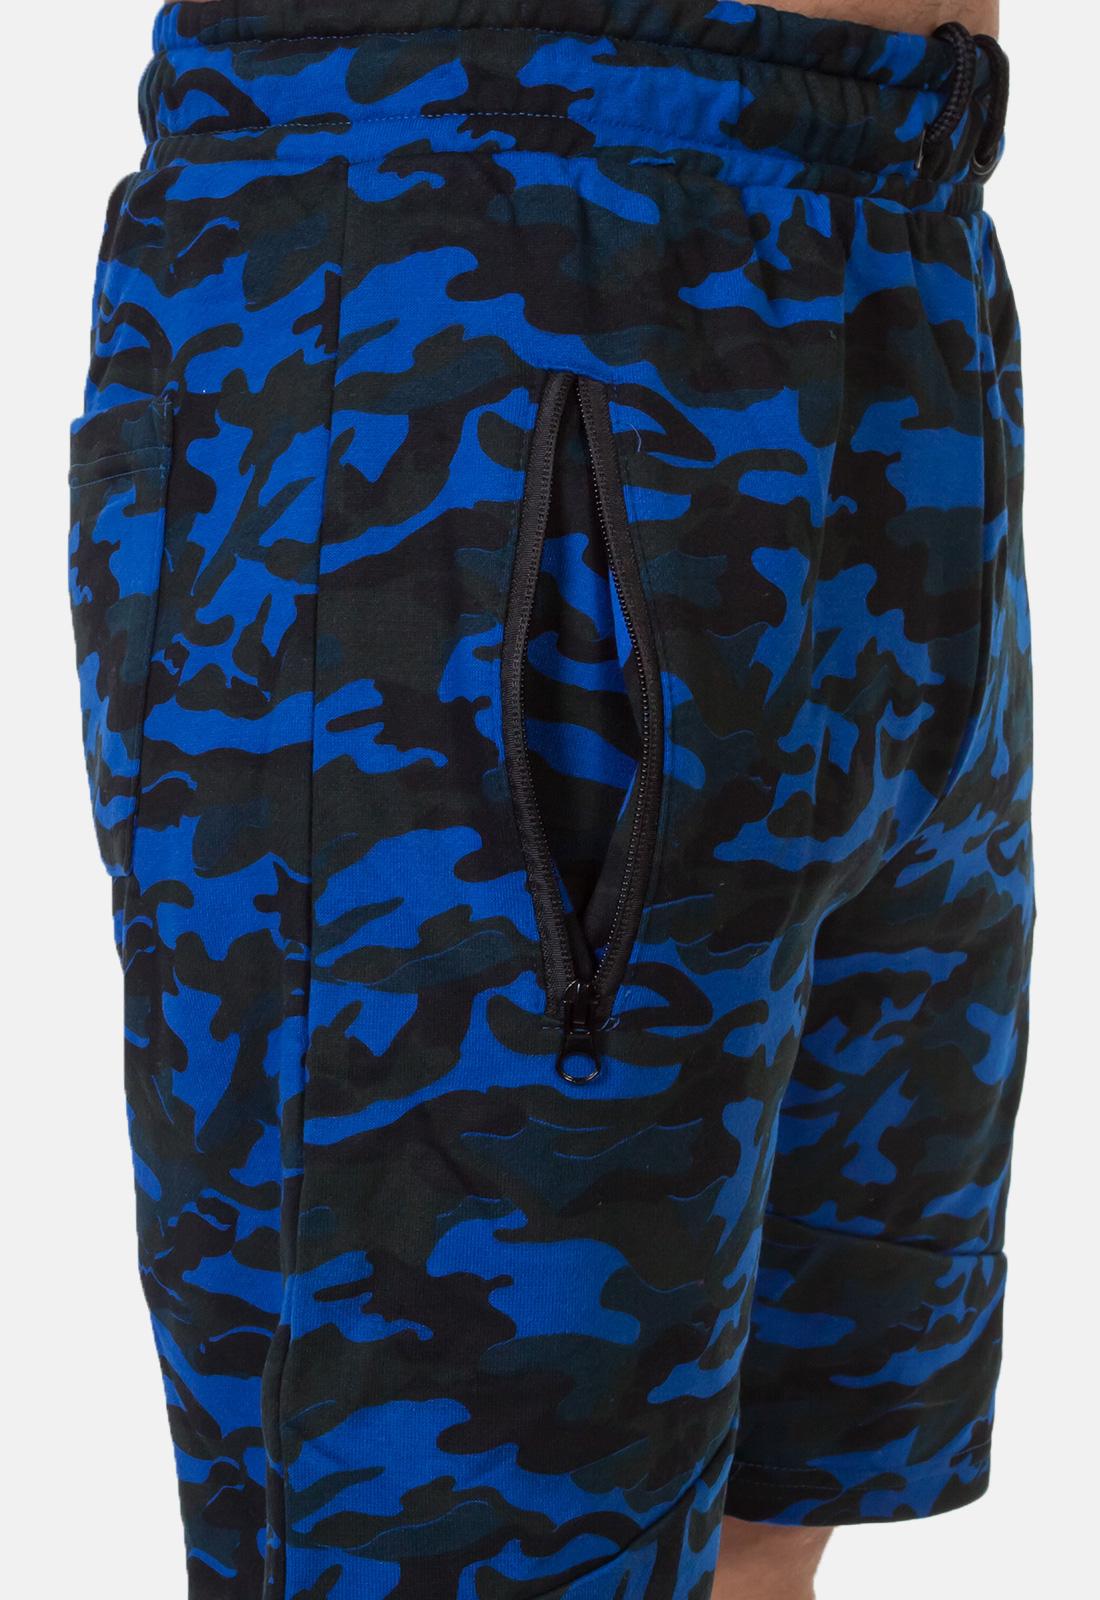 Повседневные мужские шорты с эмблемой МВД купить в подарок